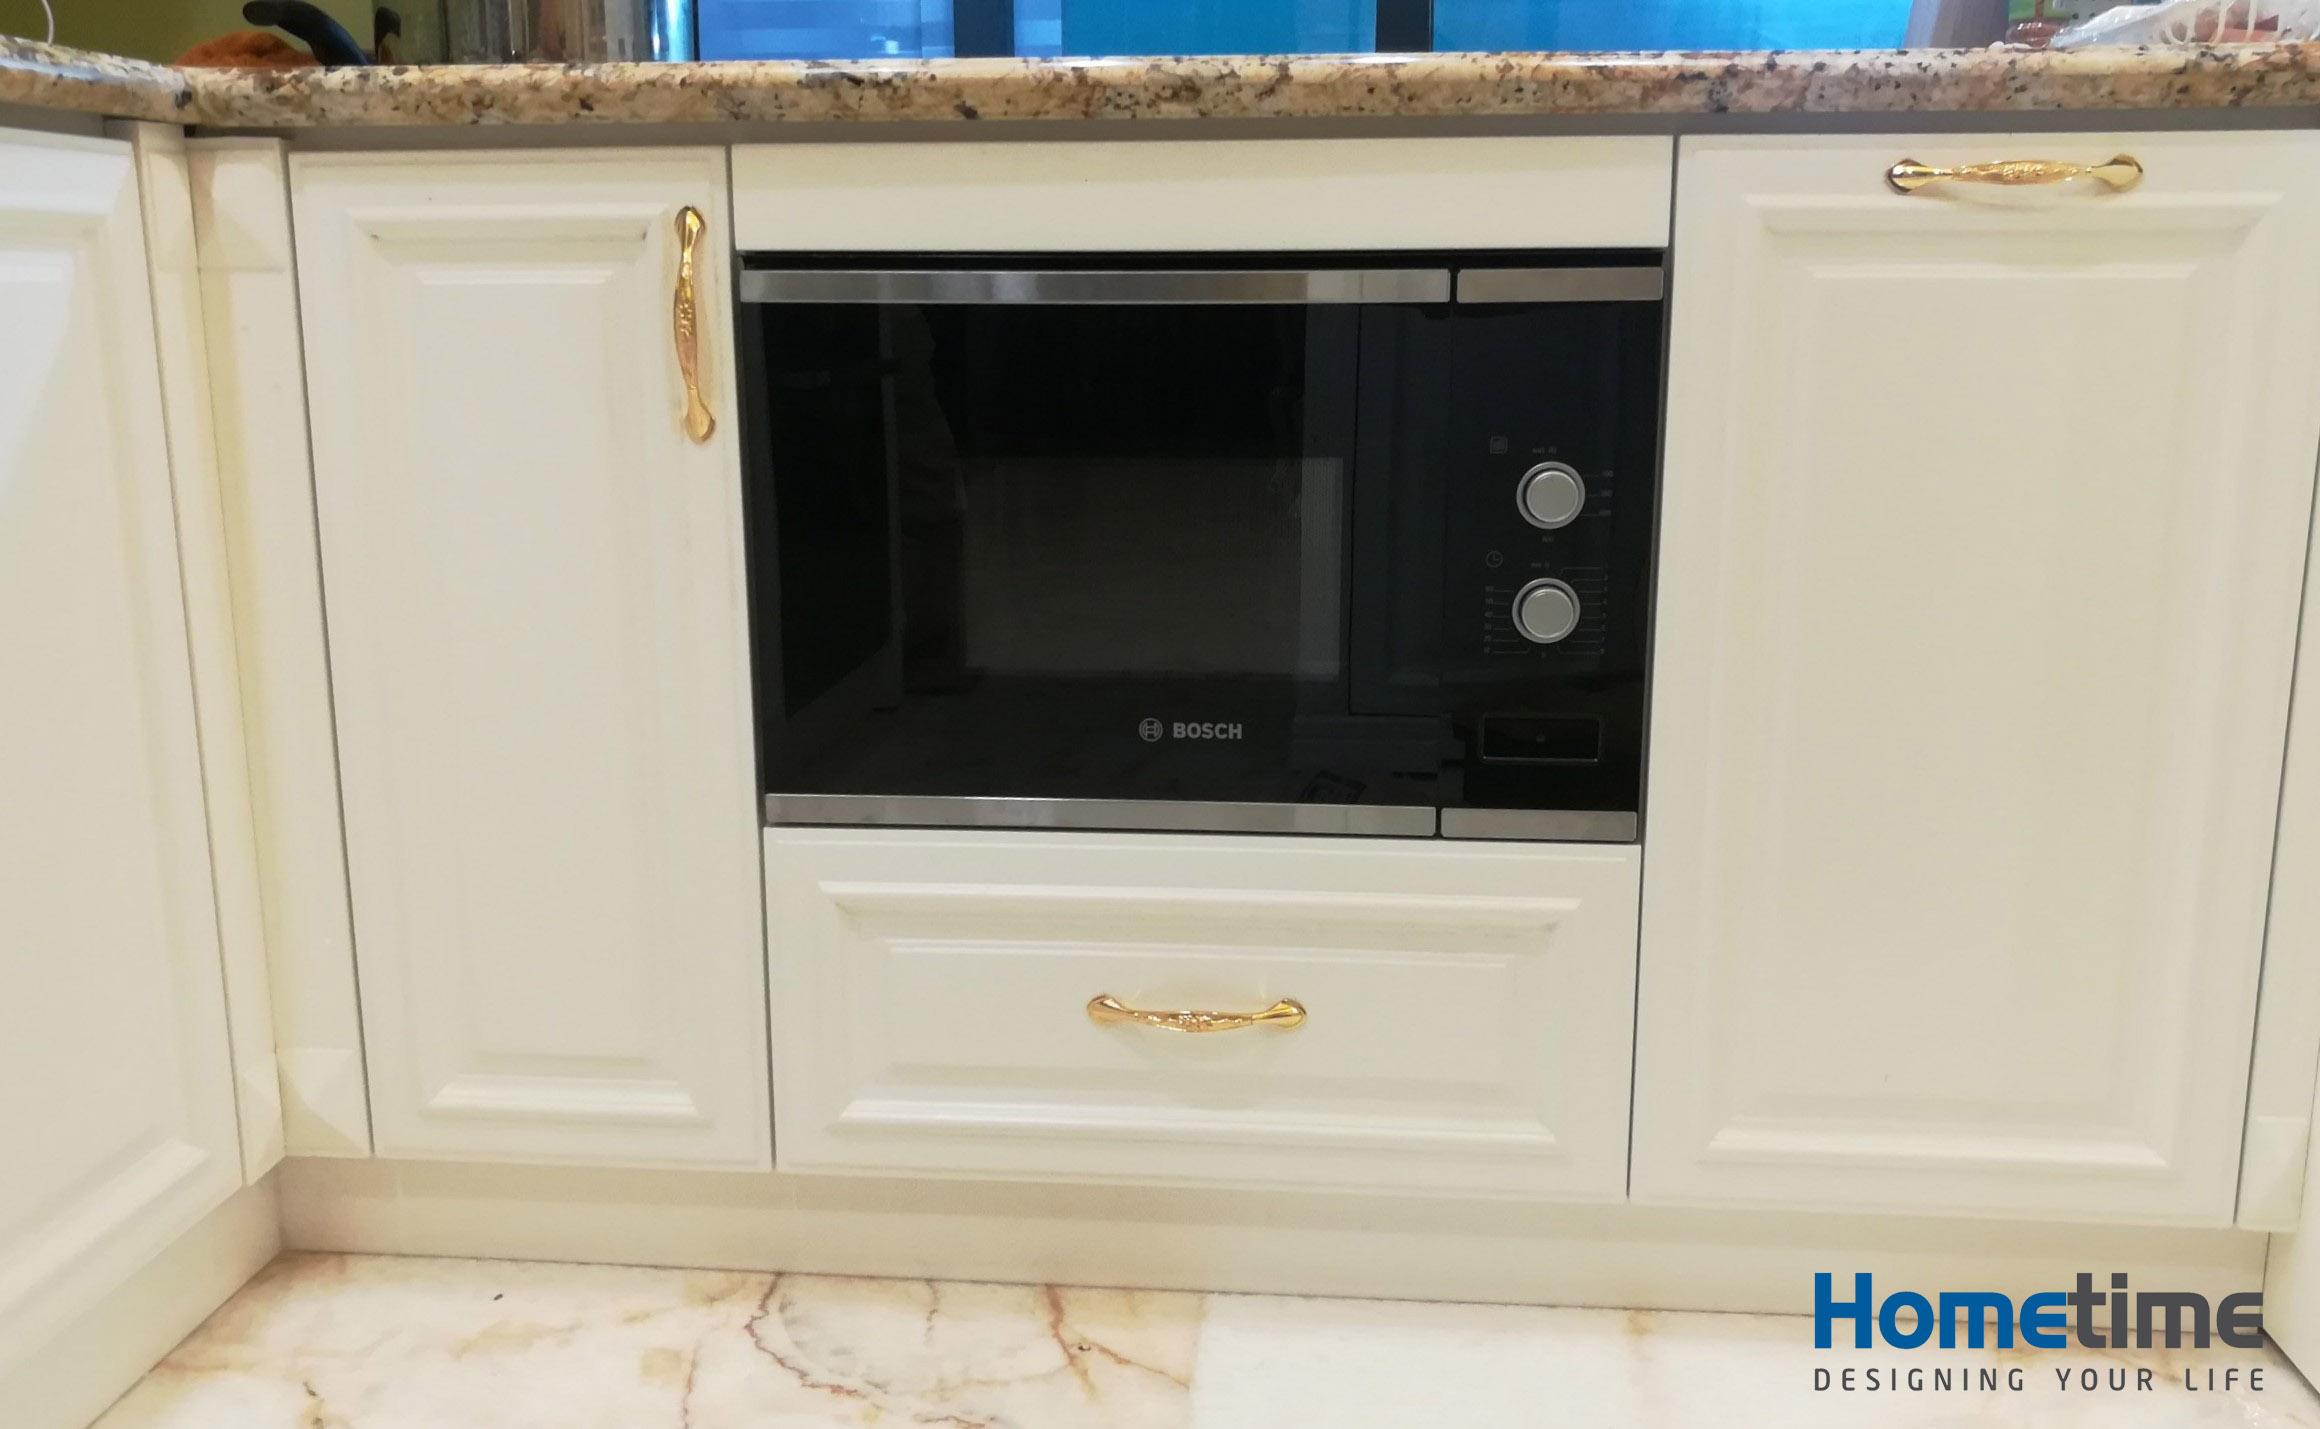 Thiết kế máy hút mùi phía trên bếp nấu và lò vi sóng giúp loại bỏ hoàn toàn mùi dầu mỡ trong quá trình nấu nướng